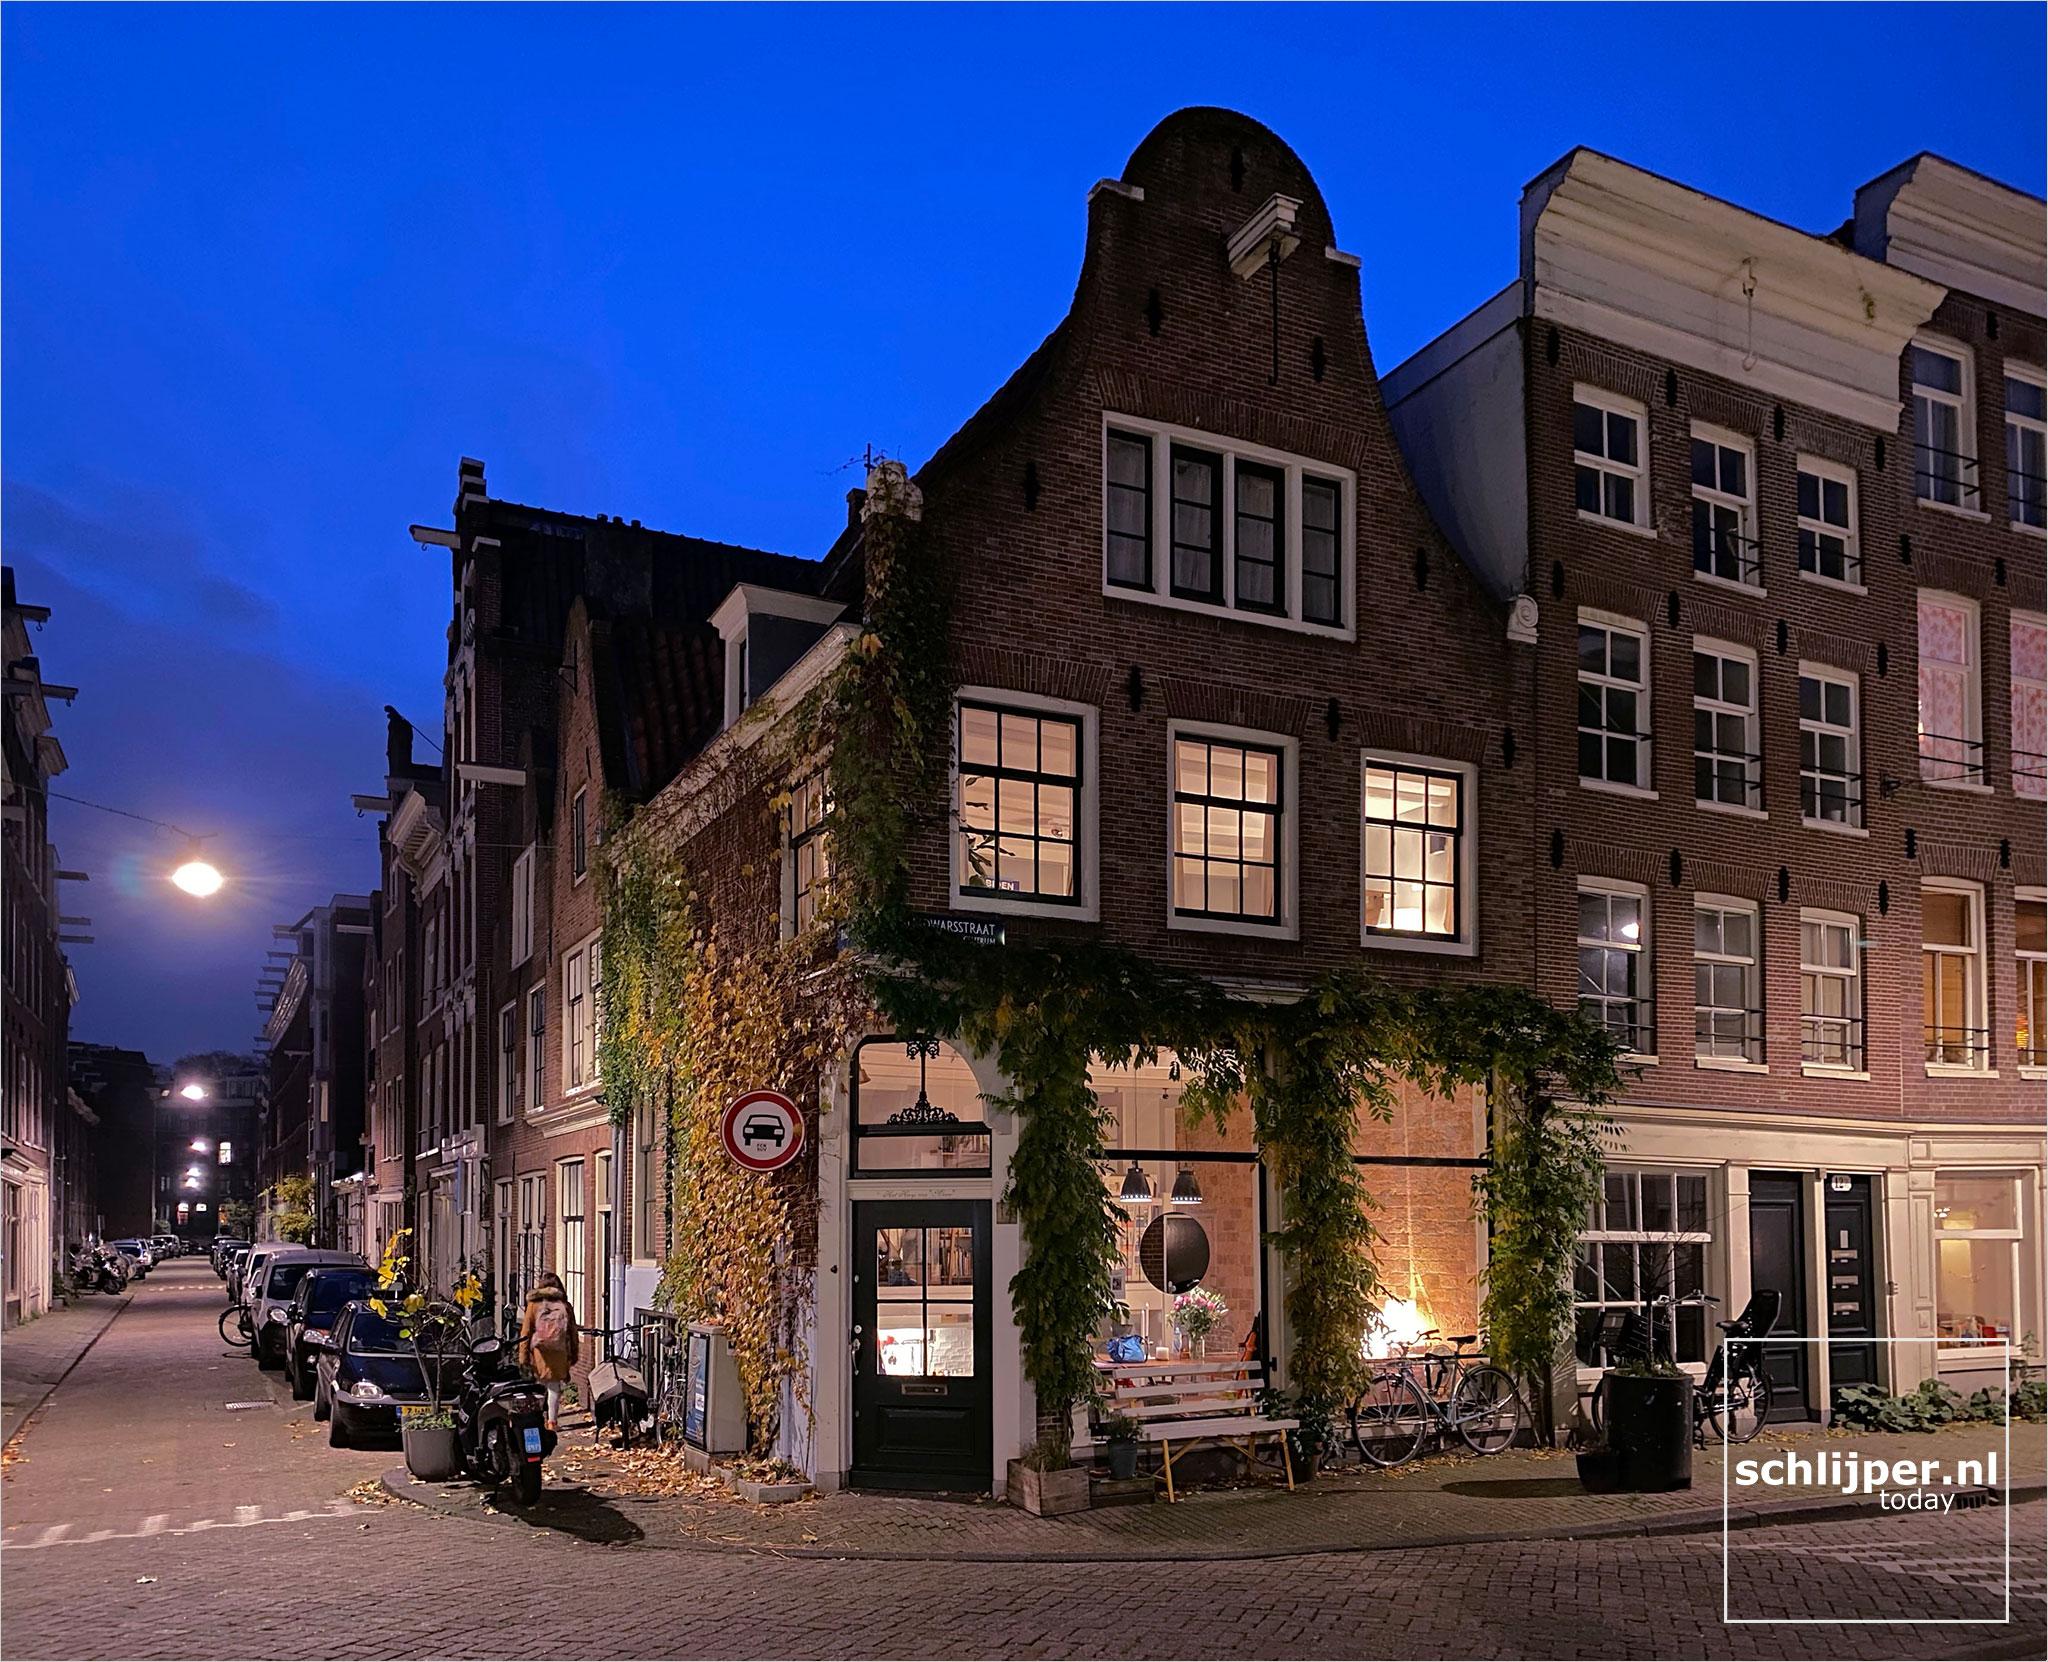 Nederland, Amsterdam, 11 november 2020